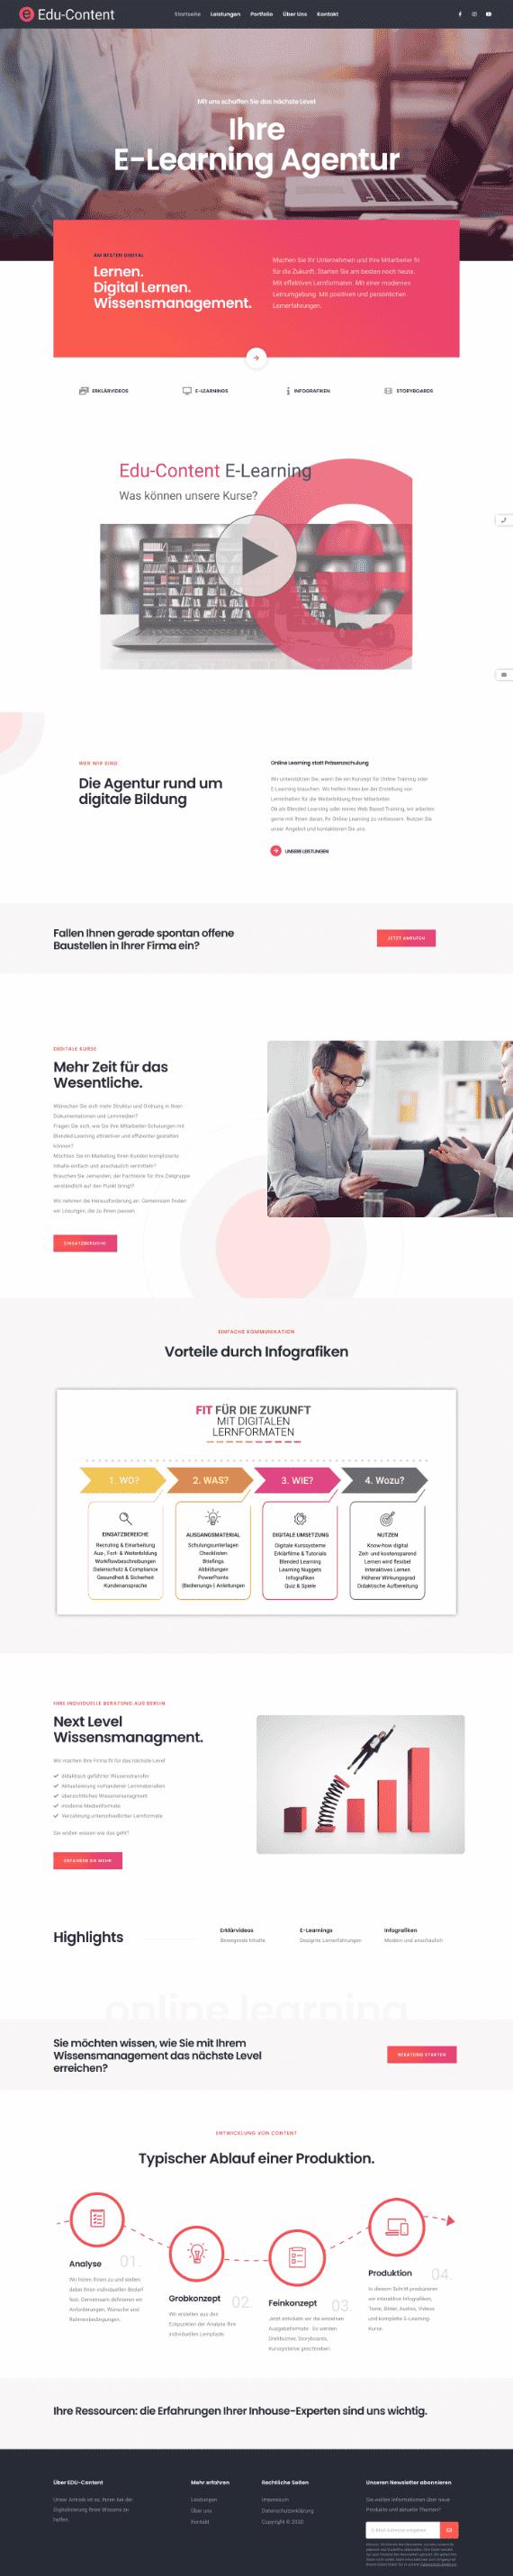 WordPress-Webdesign Referenz: Webseite von Edu-Content